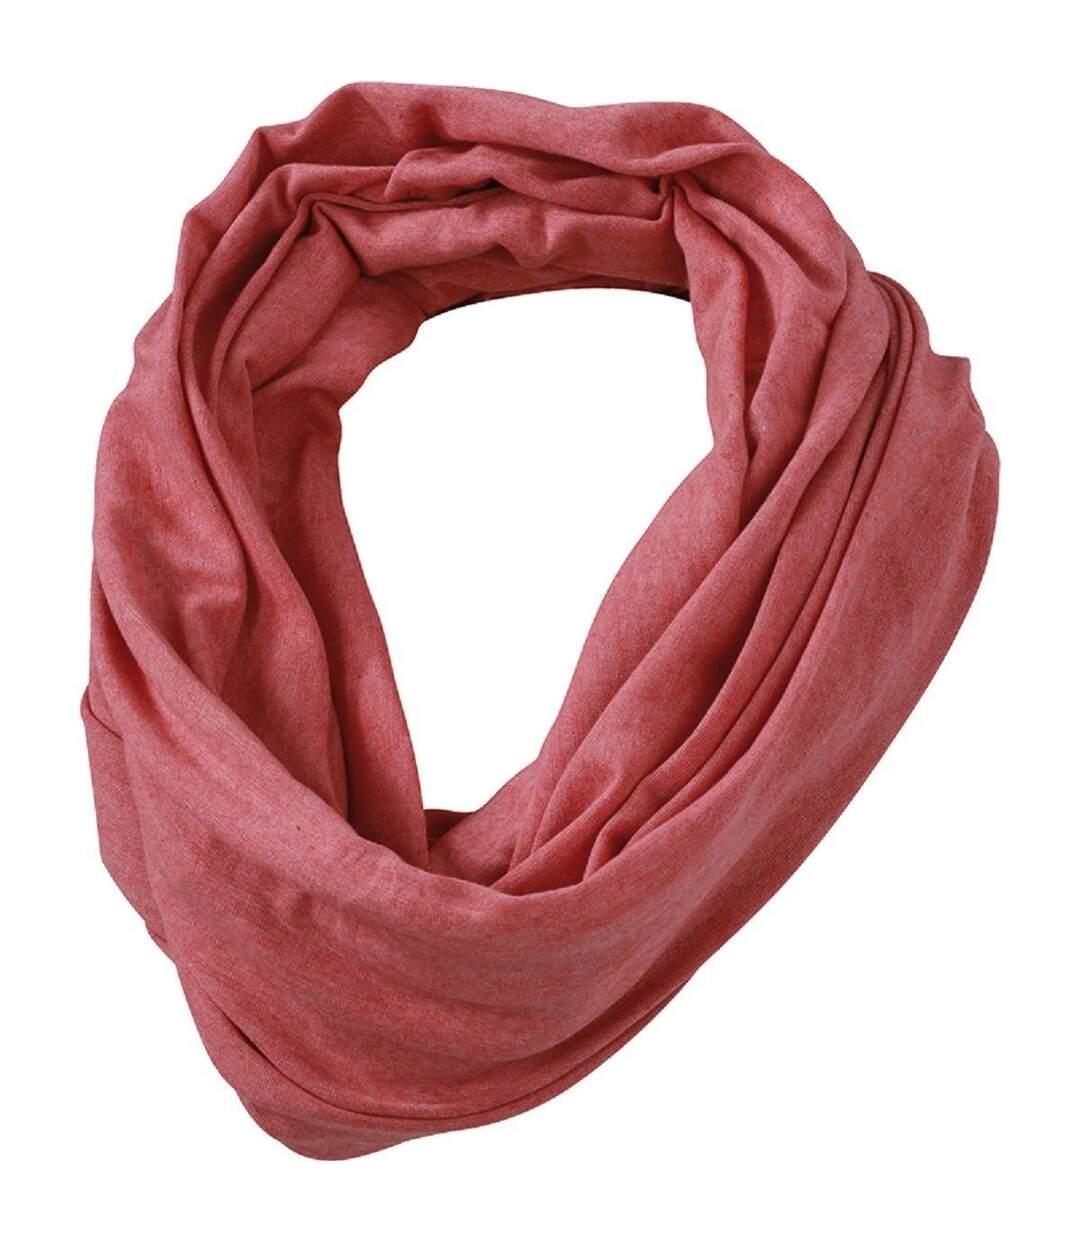 Echarpe - Tour de cou adulte - MB6578 - rouge mélange